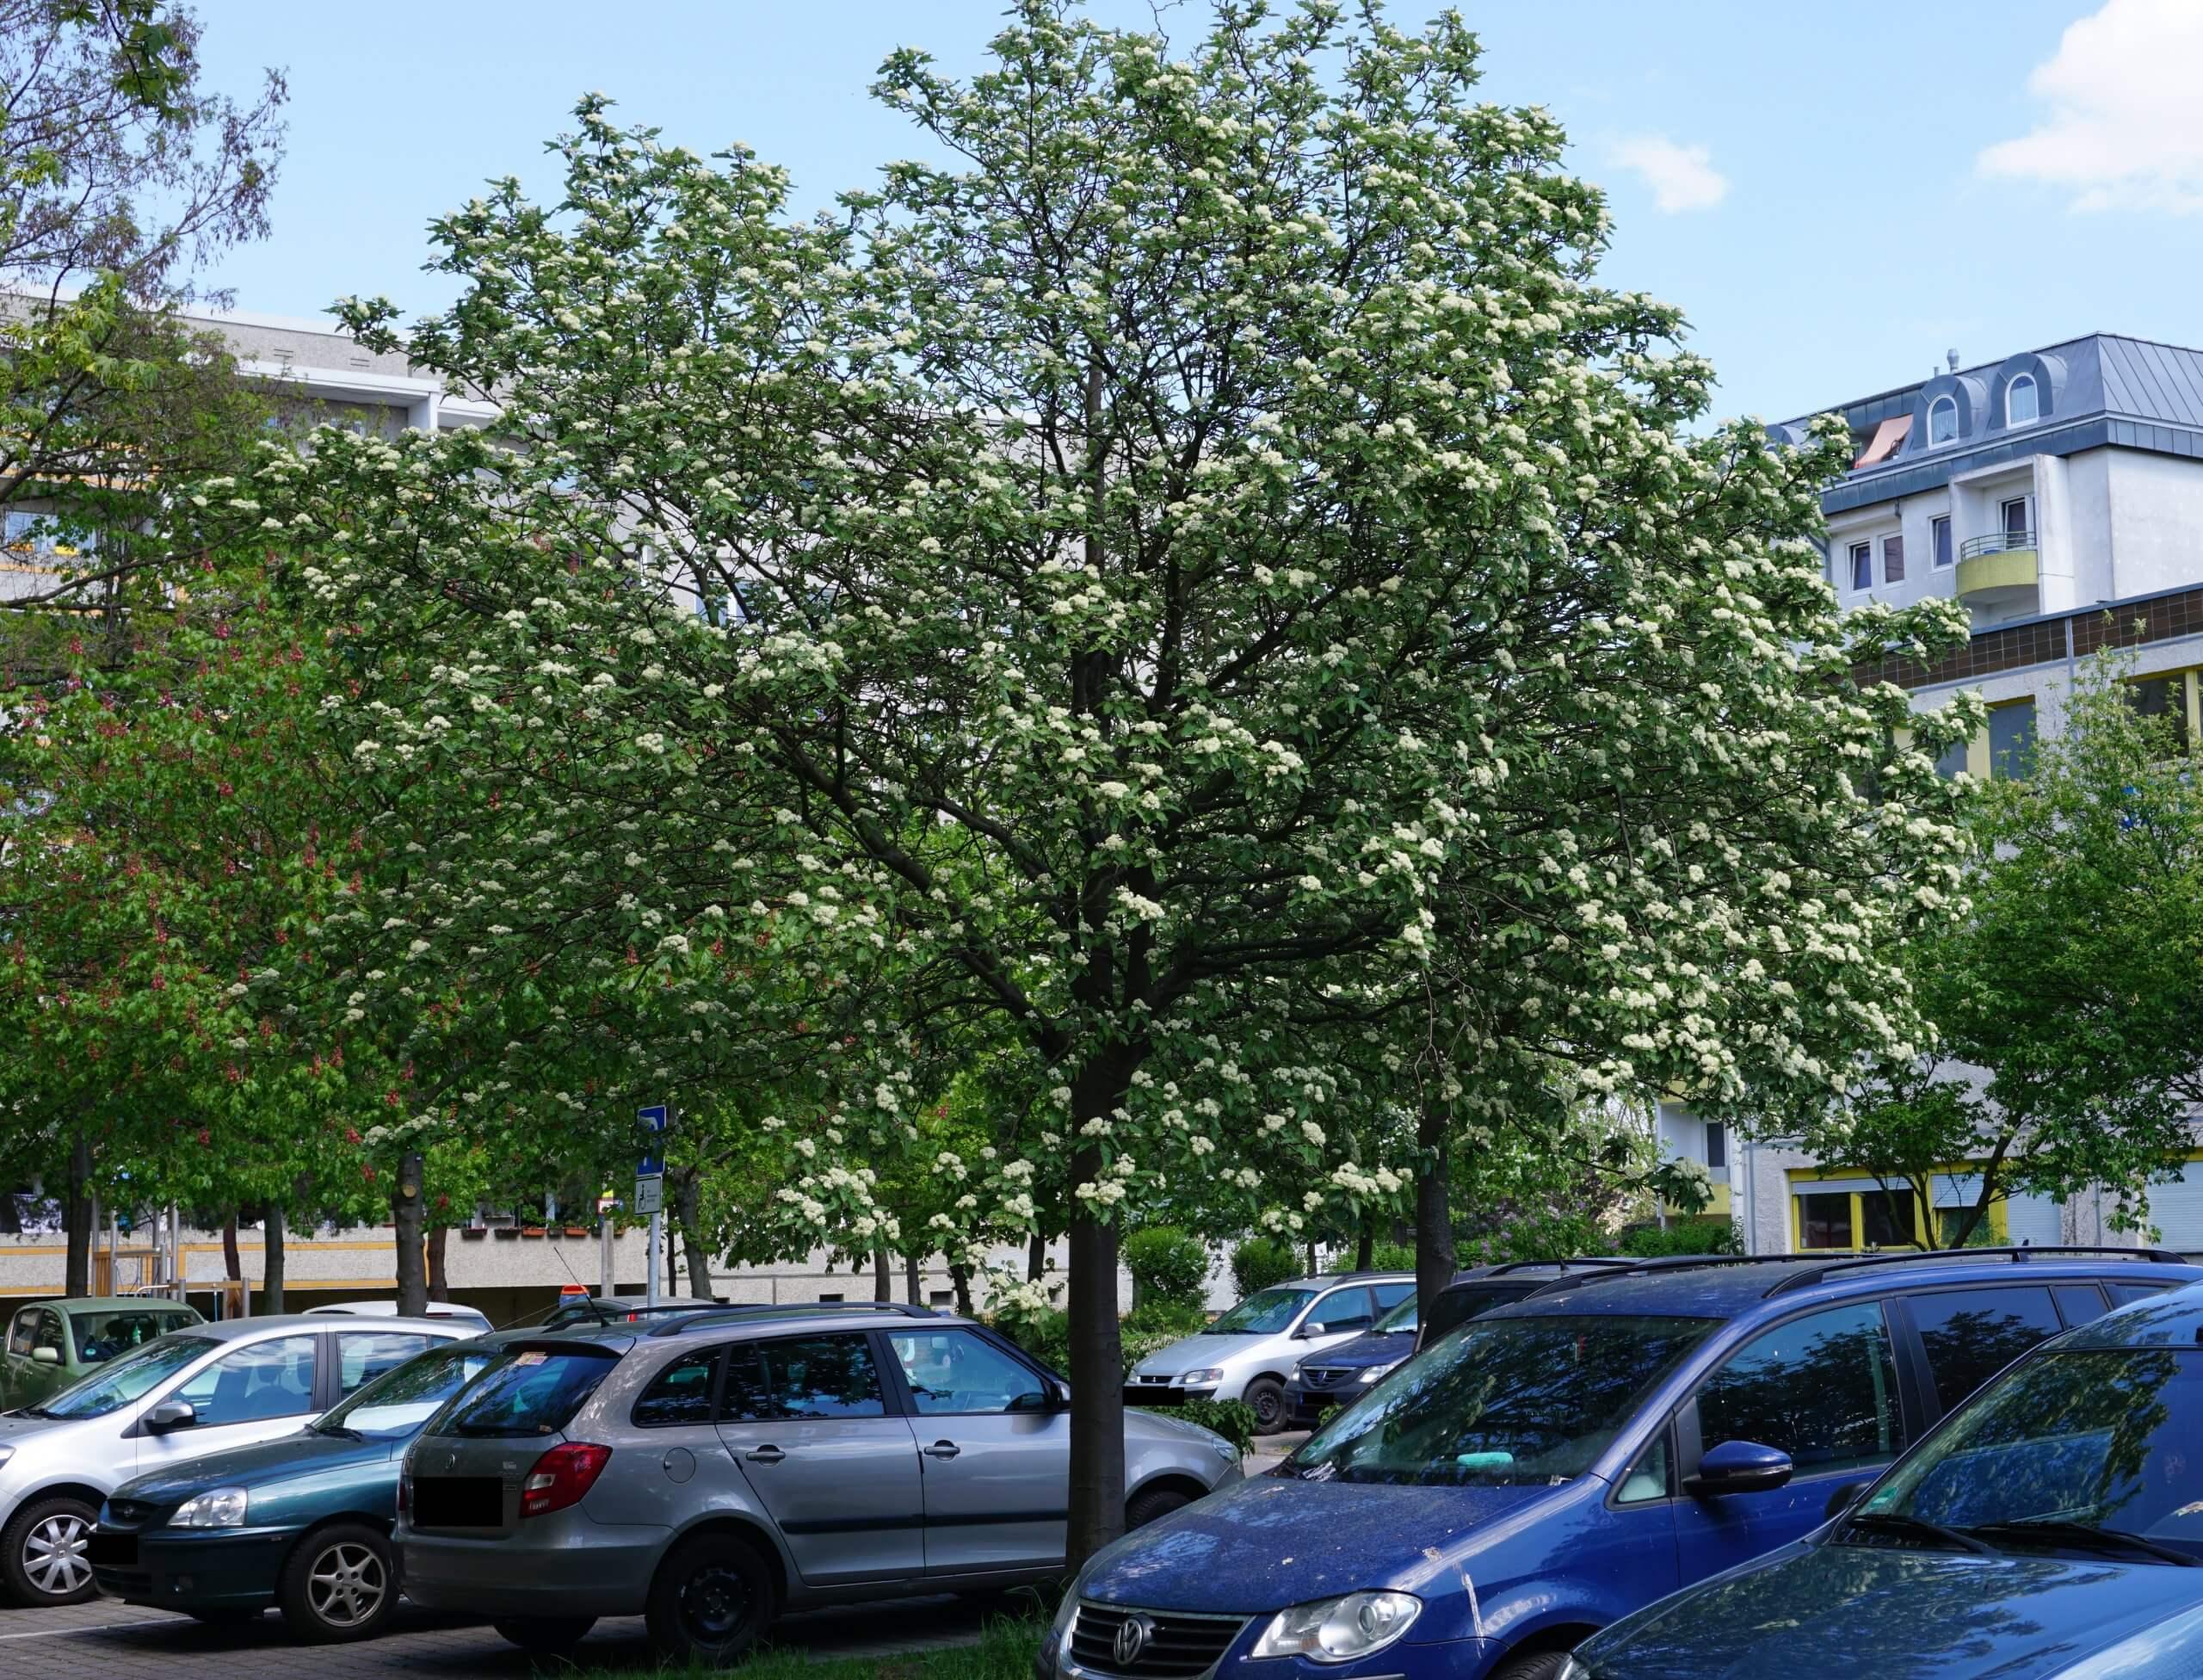 Das Bild zeigt ein Exemplar einer blühenden Schwedischen Mehlbeere gegenüber dem Bürgerhaus im Kosmosviertel.